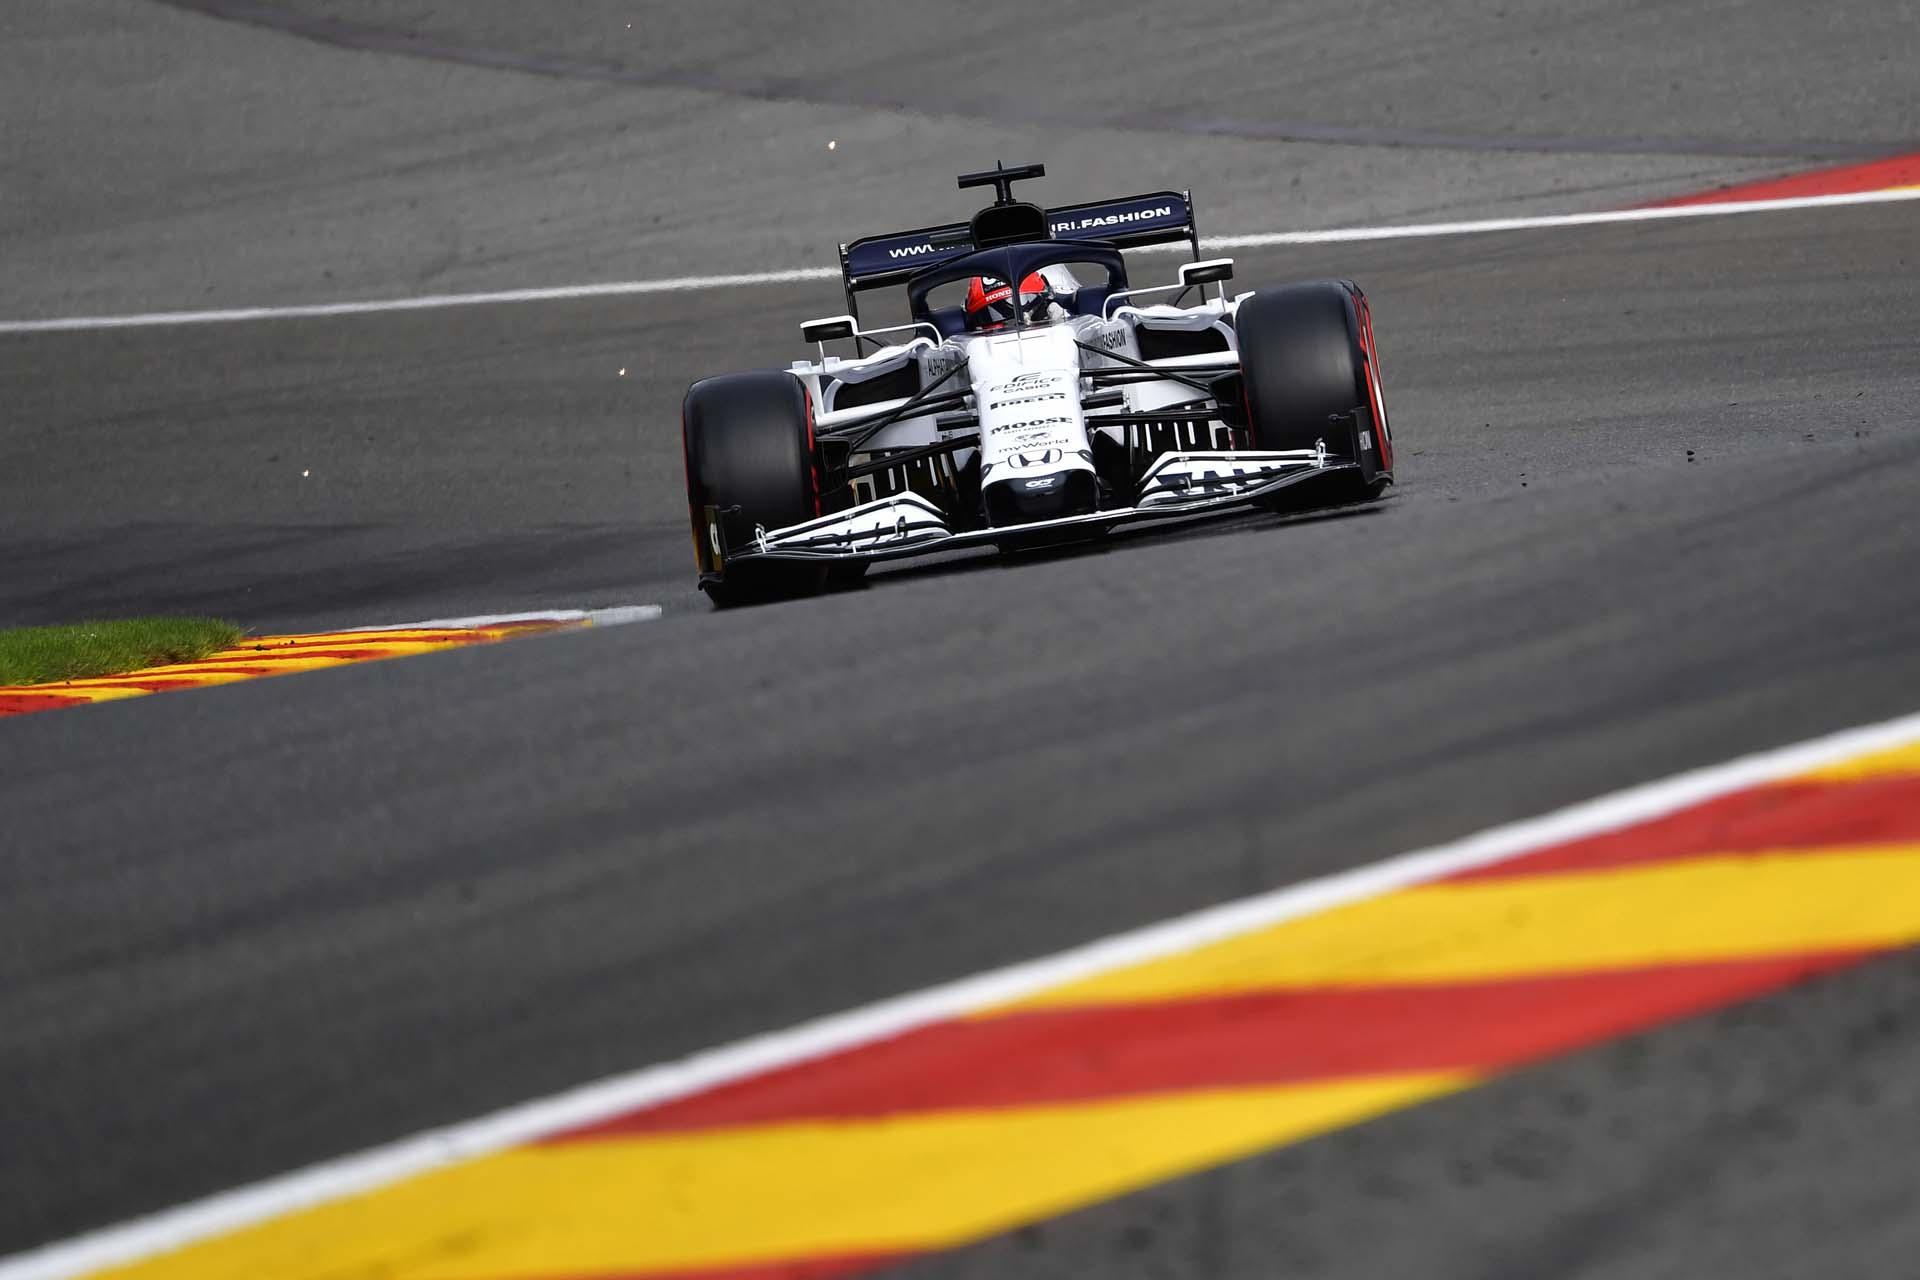 F1 Grand Prix of Belgium - Practice